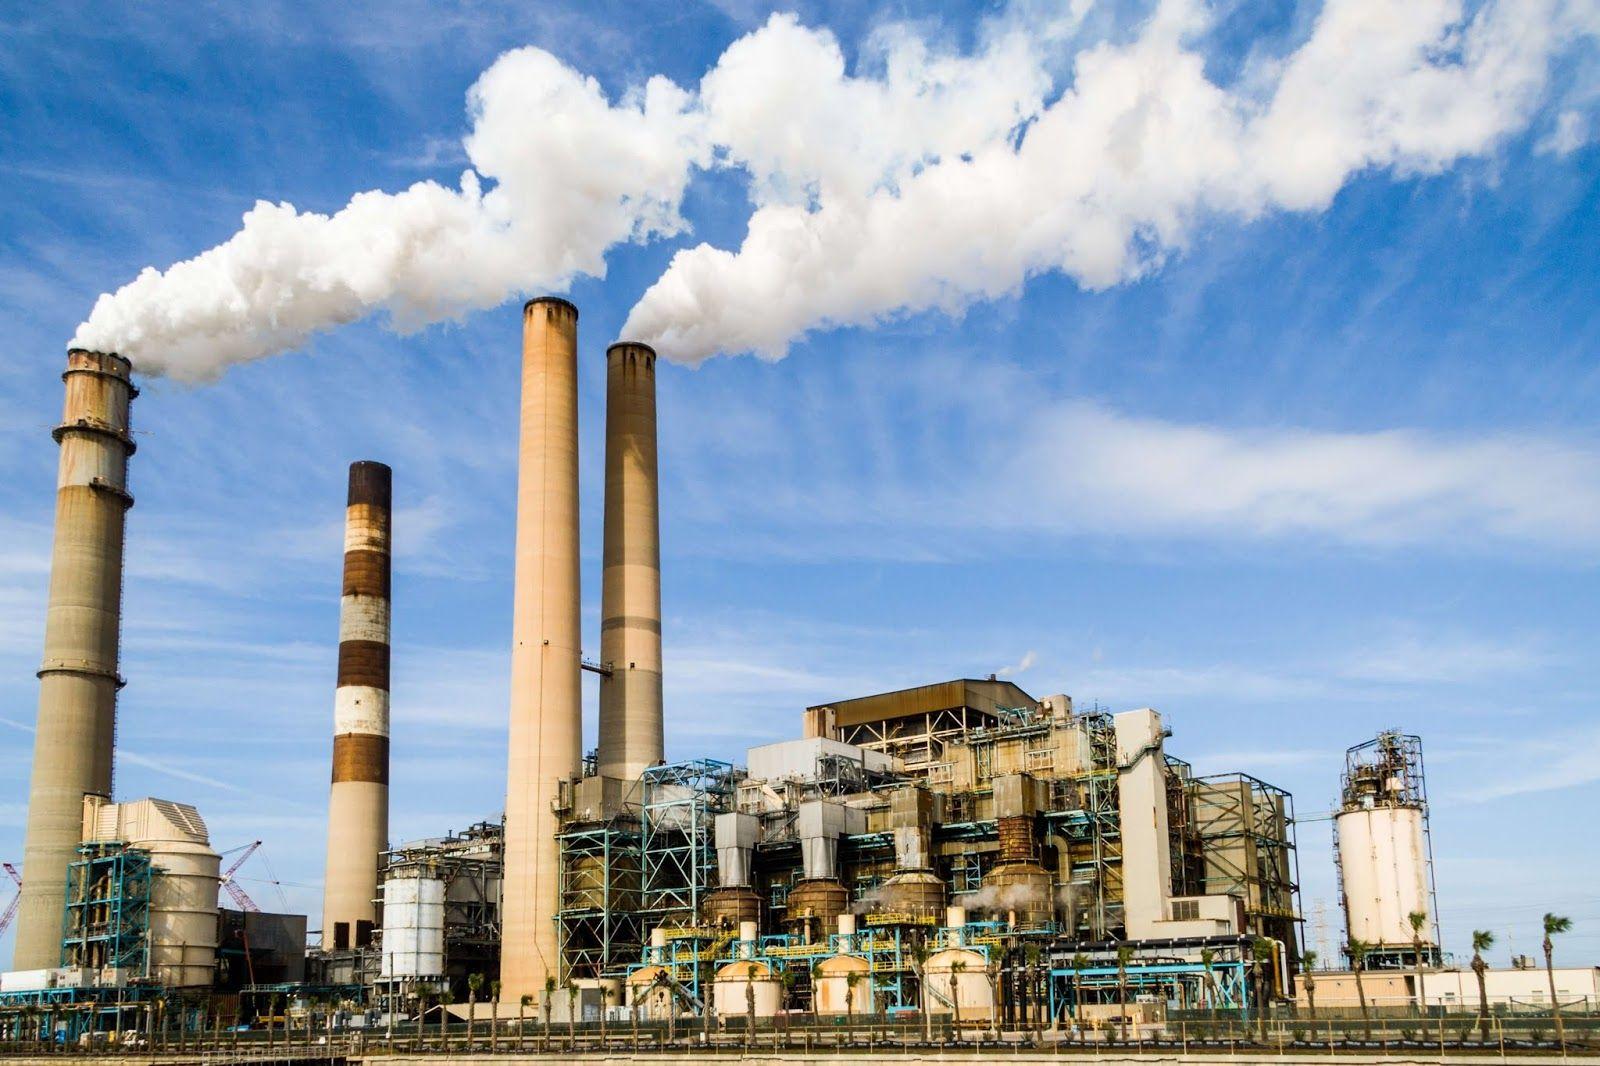 Pengertian Dan Contoh Perusahaan Manufaktur Penjernihan Air